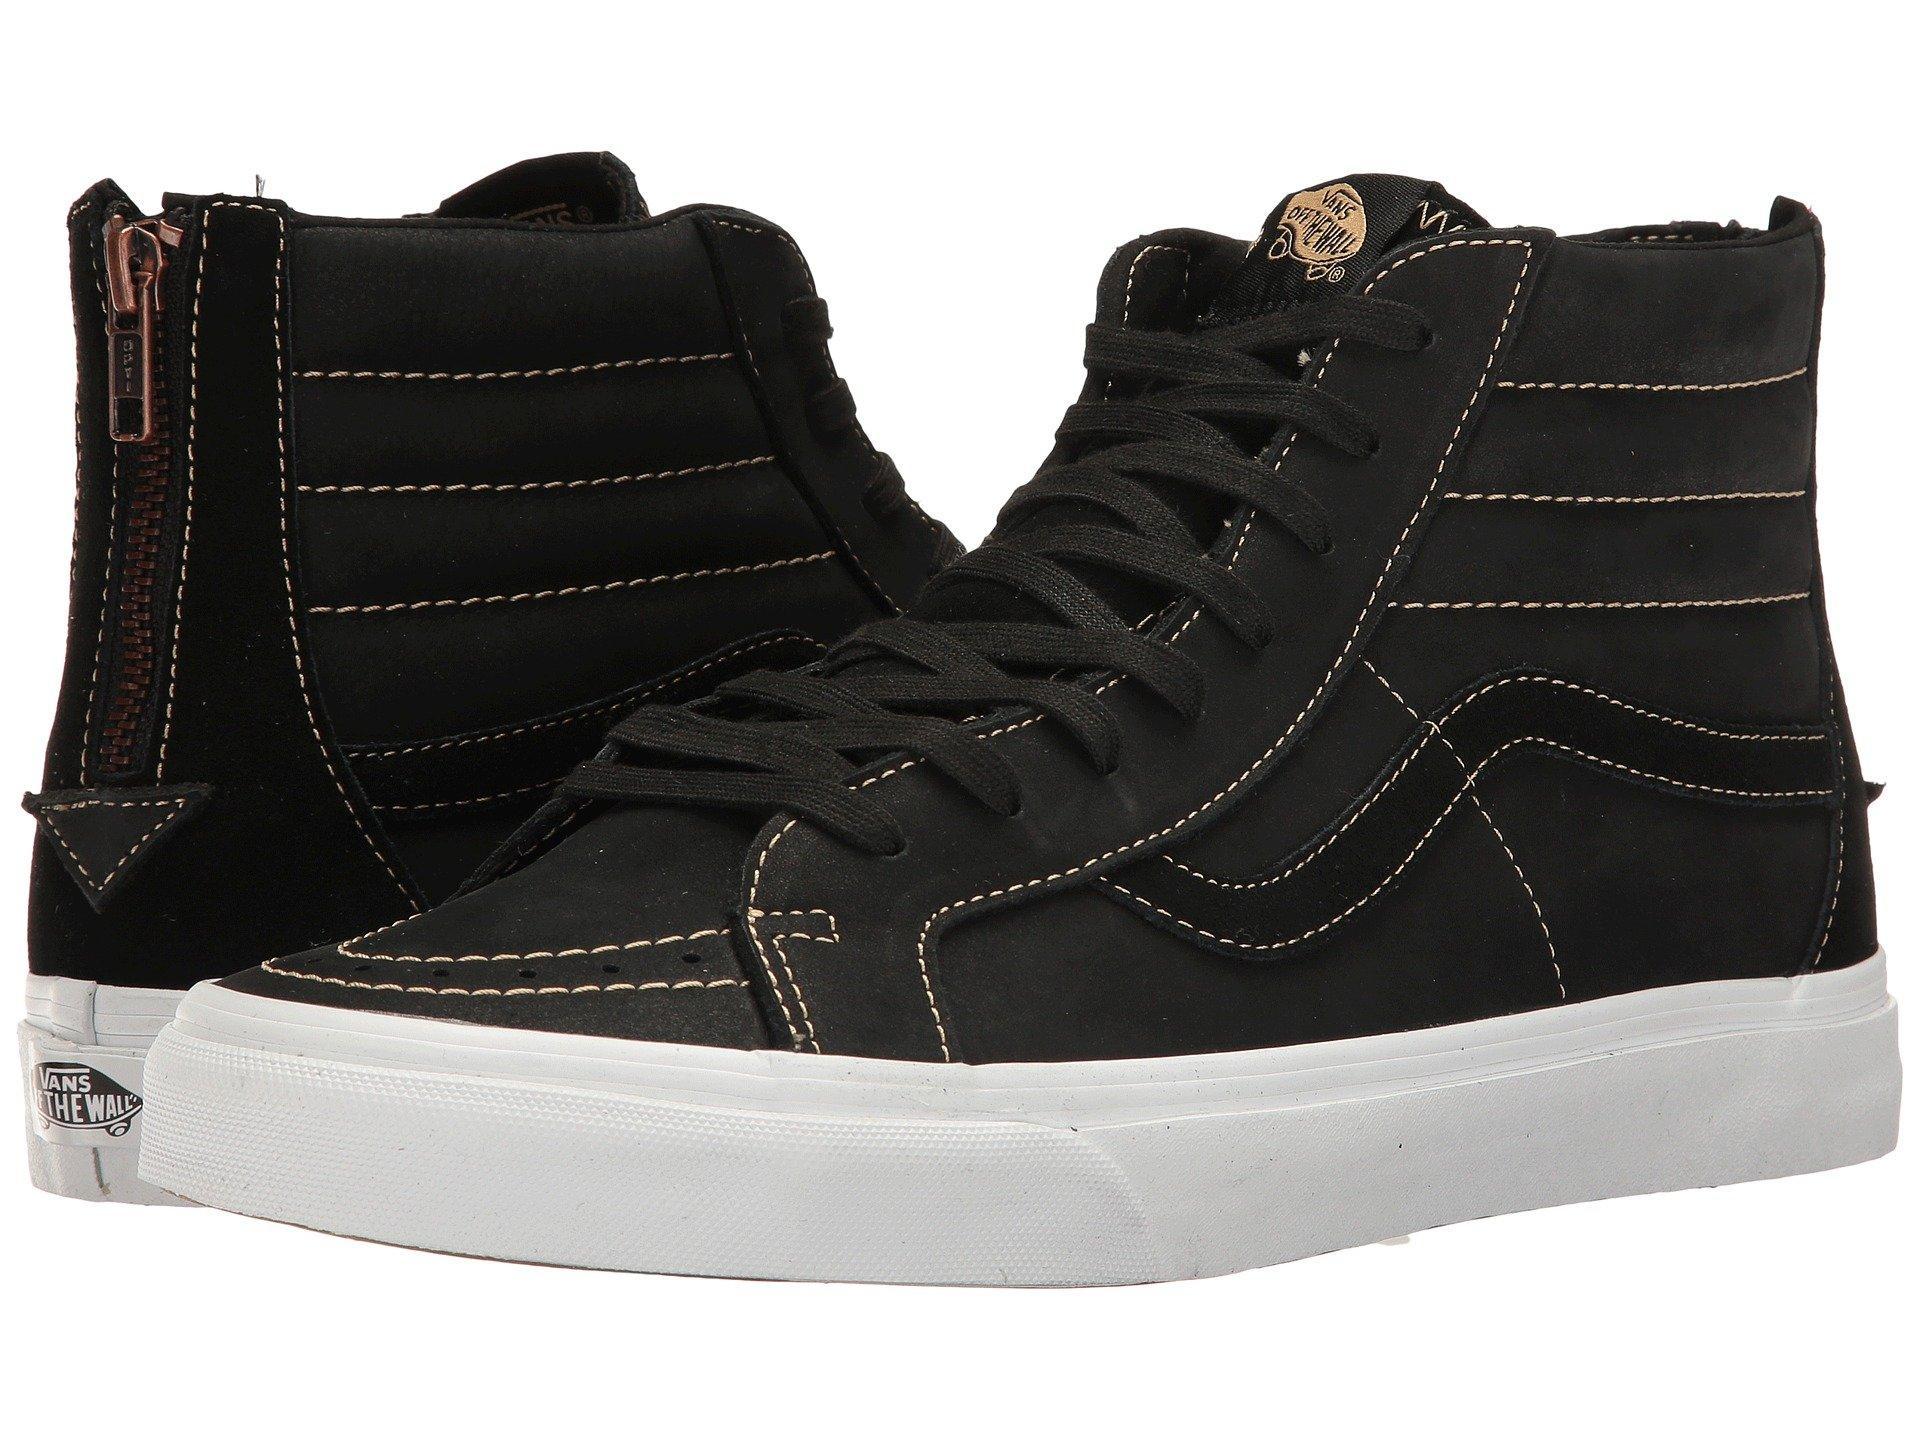 f1ad53cbfe Vans Sk8-Hi Reissue Zip In (Premium Leather) Black Sand